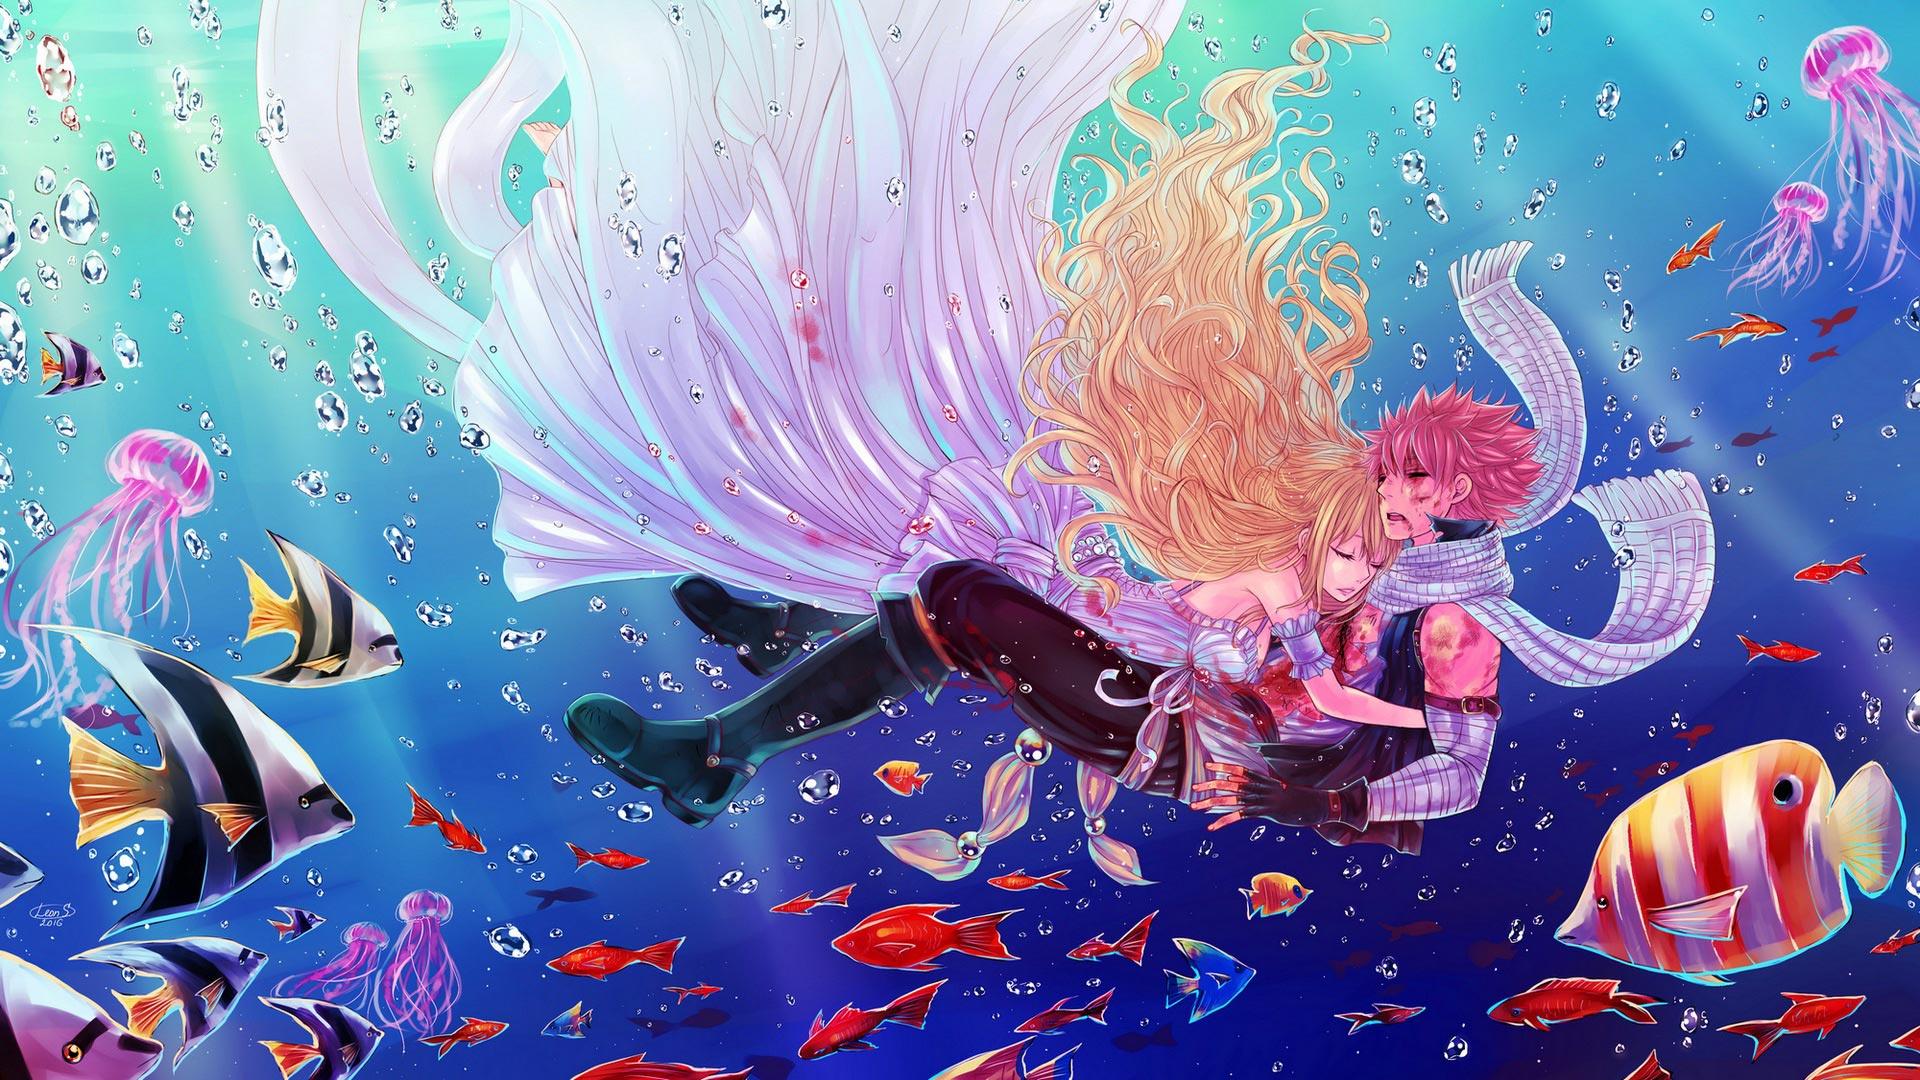 Épinglé Par Frida Gonzalez Sur Fairy Tail dedans Fond D'Ecran Hd Themes Elie S Book